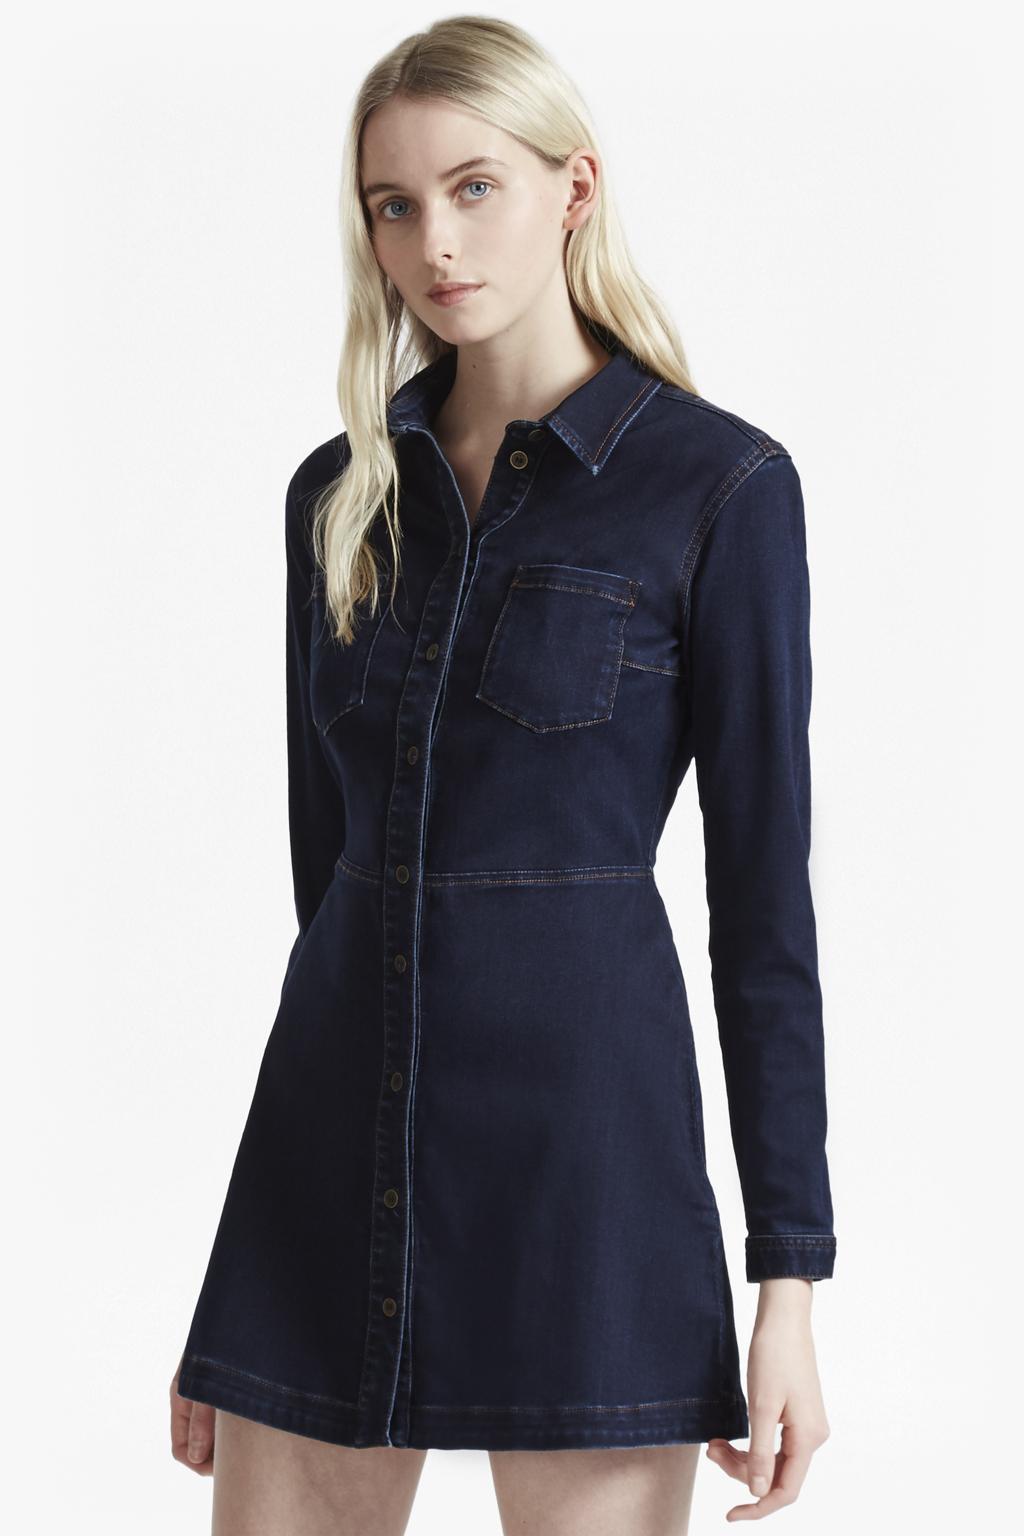 Lyst french connection indigo snug denim shirt dress in blue for French connection shirt dress